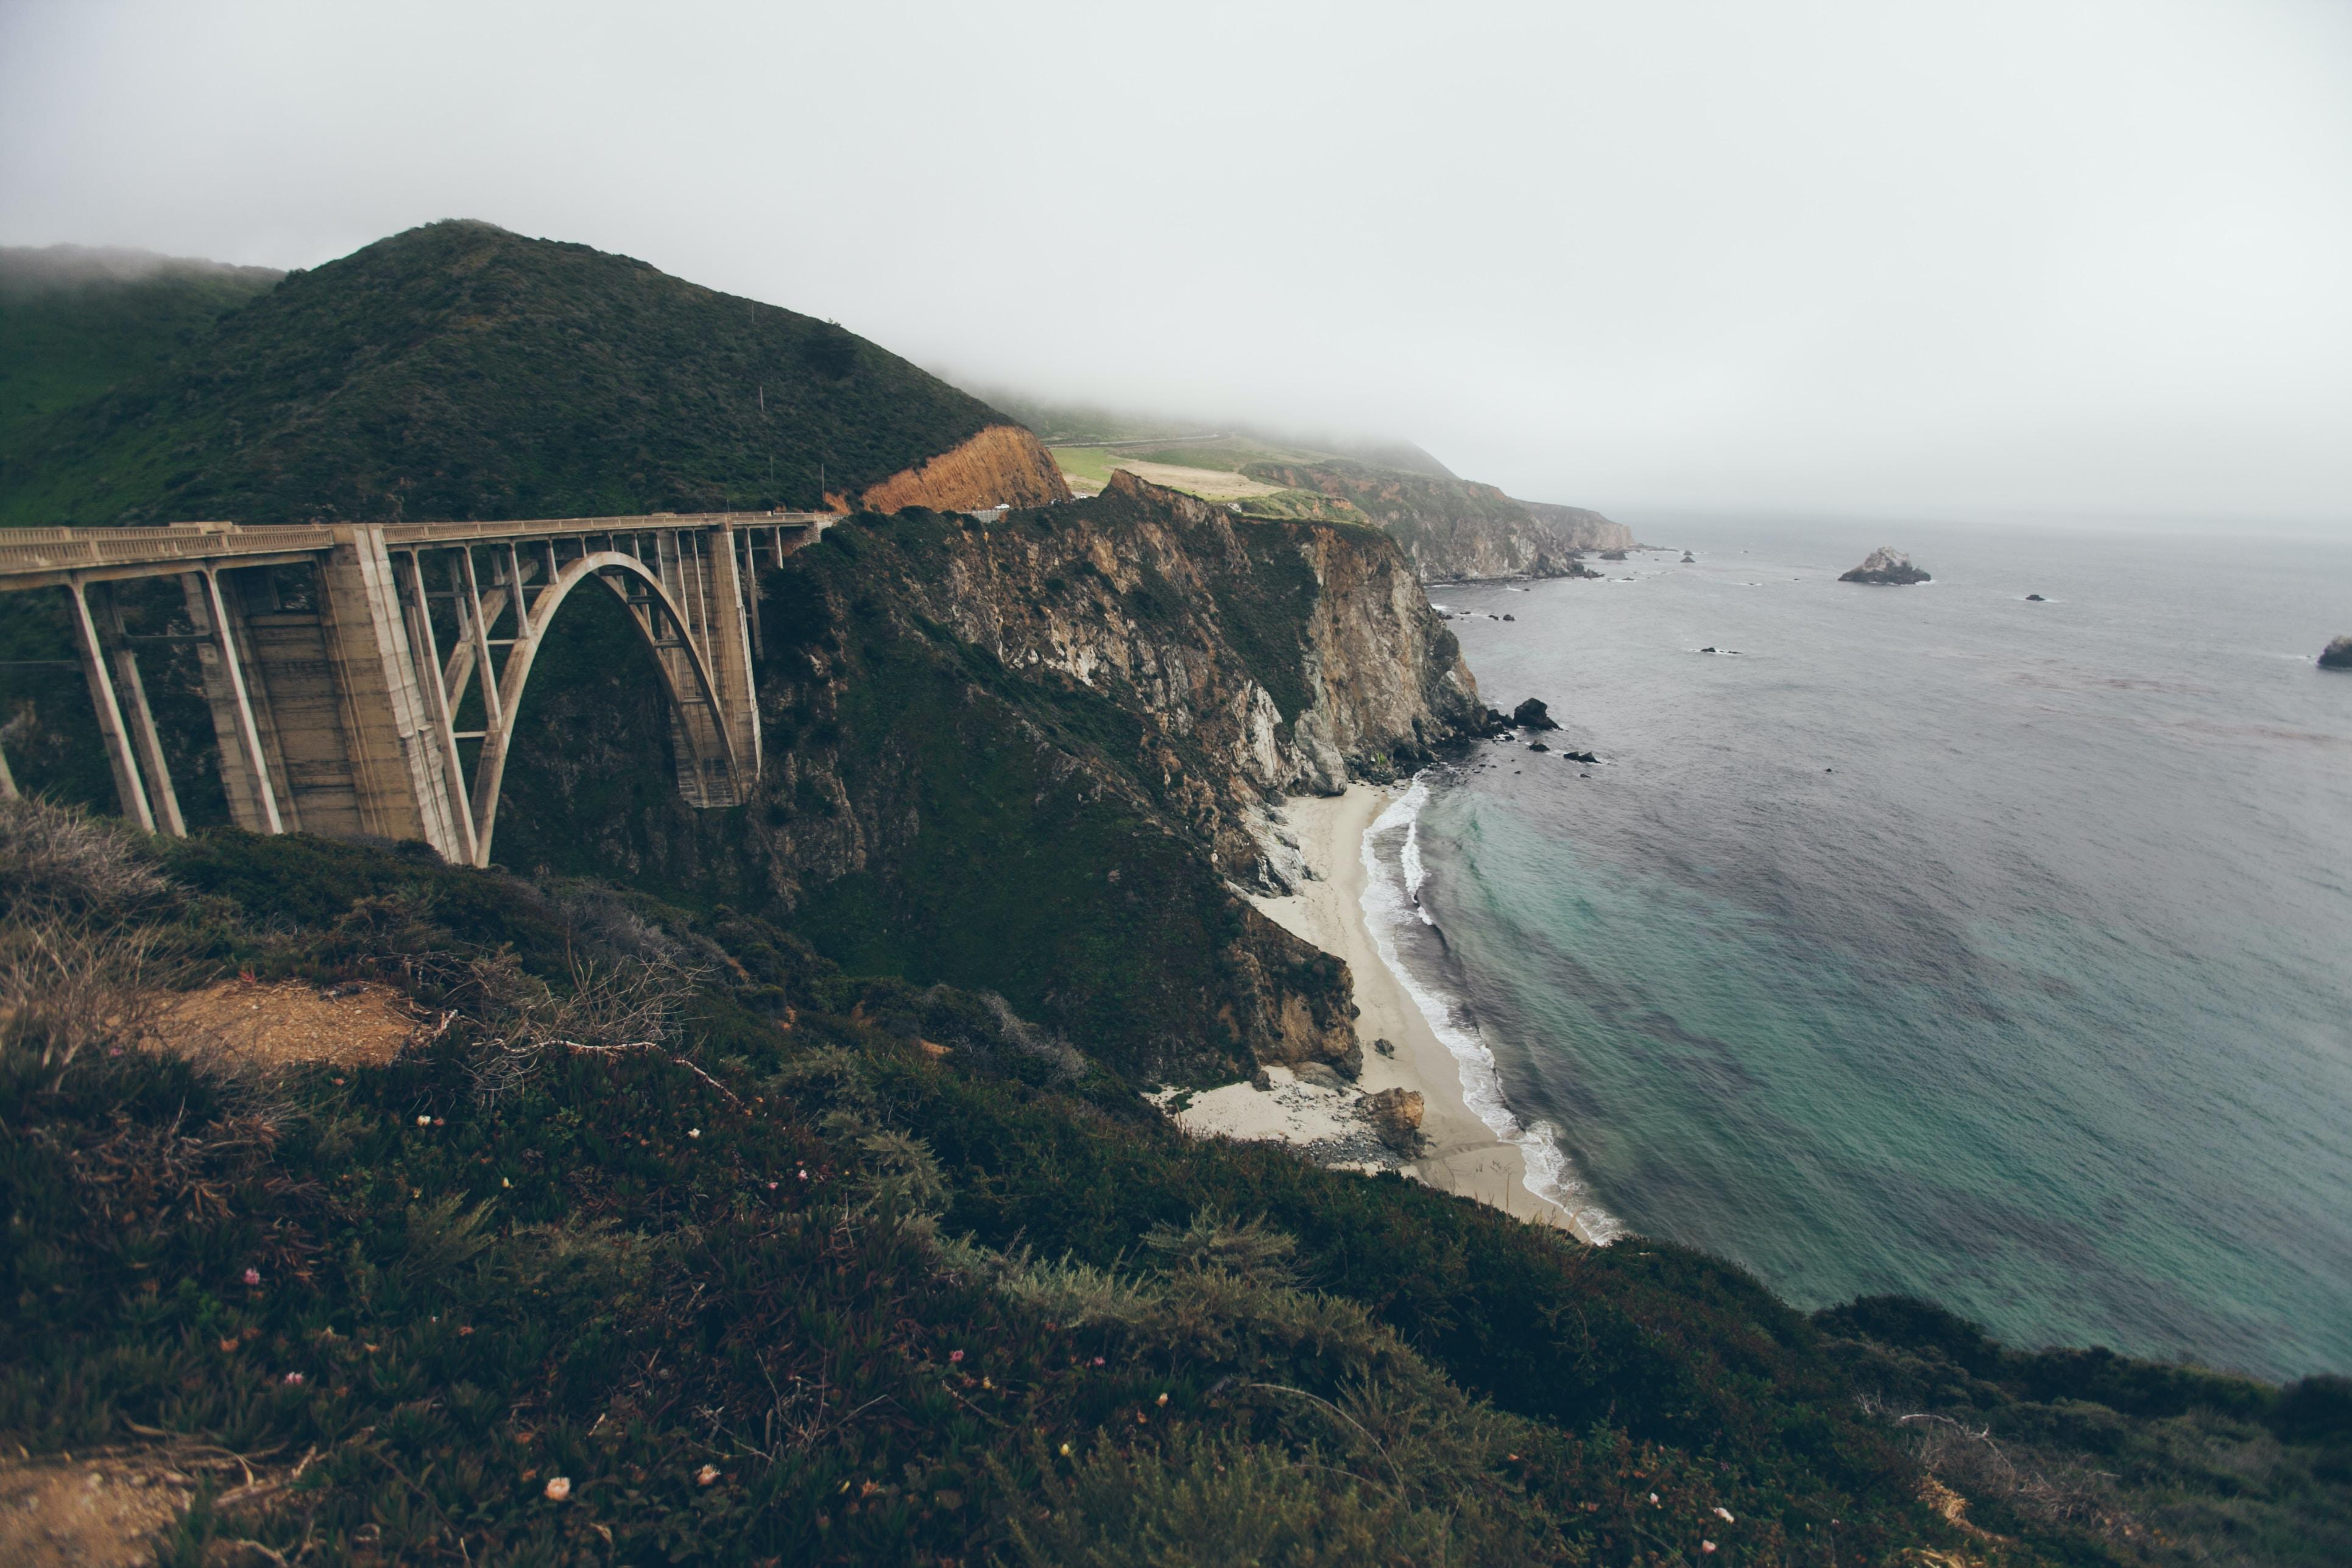 Bixby Creek Bridge in Big Sur overlooking the ocean and sandy beaches